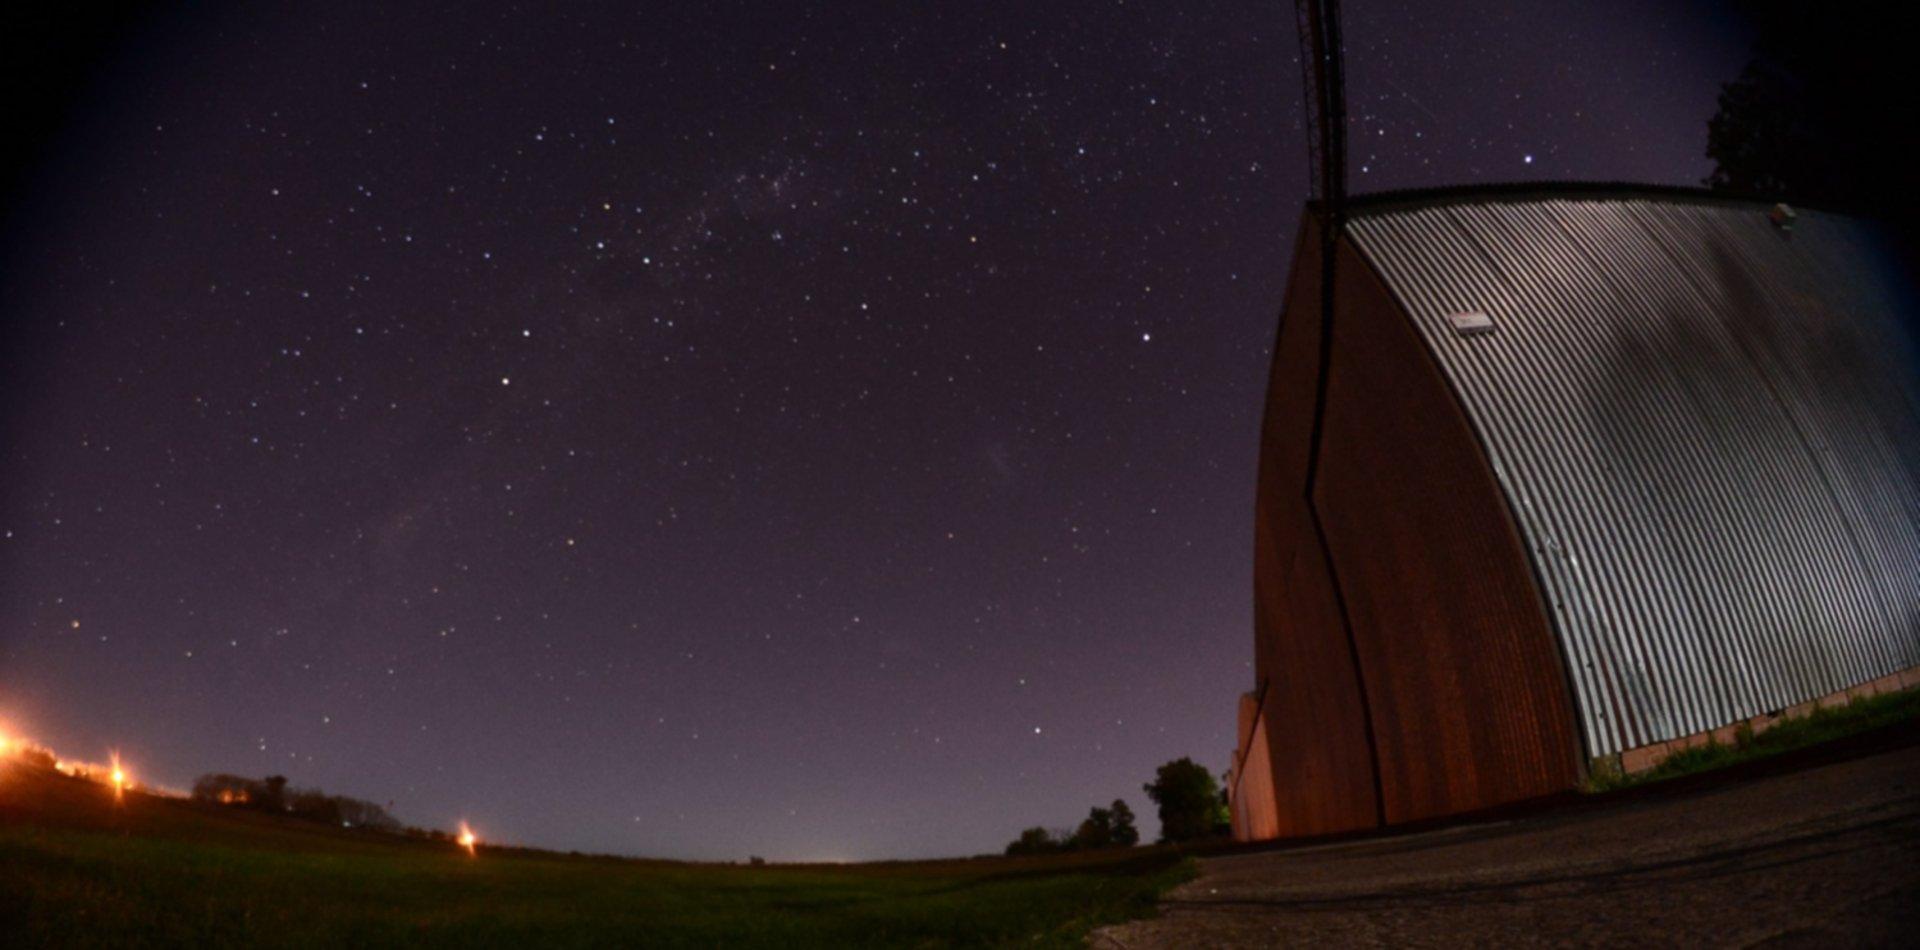 Crónica de una noche de vigilia ovni bajo el resplandeciente cielo estrellado de La Plata